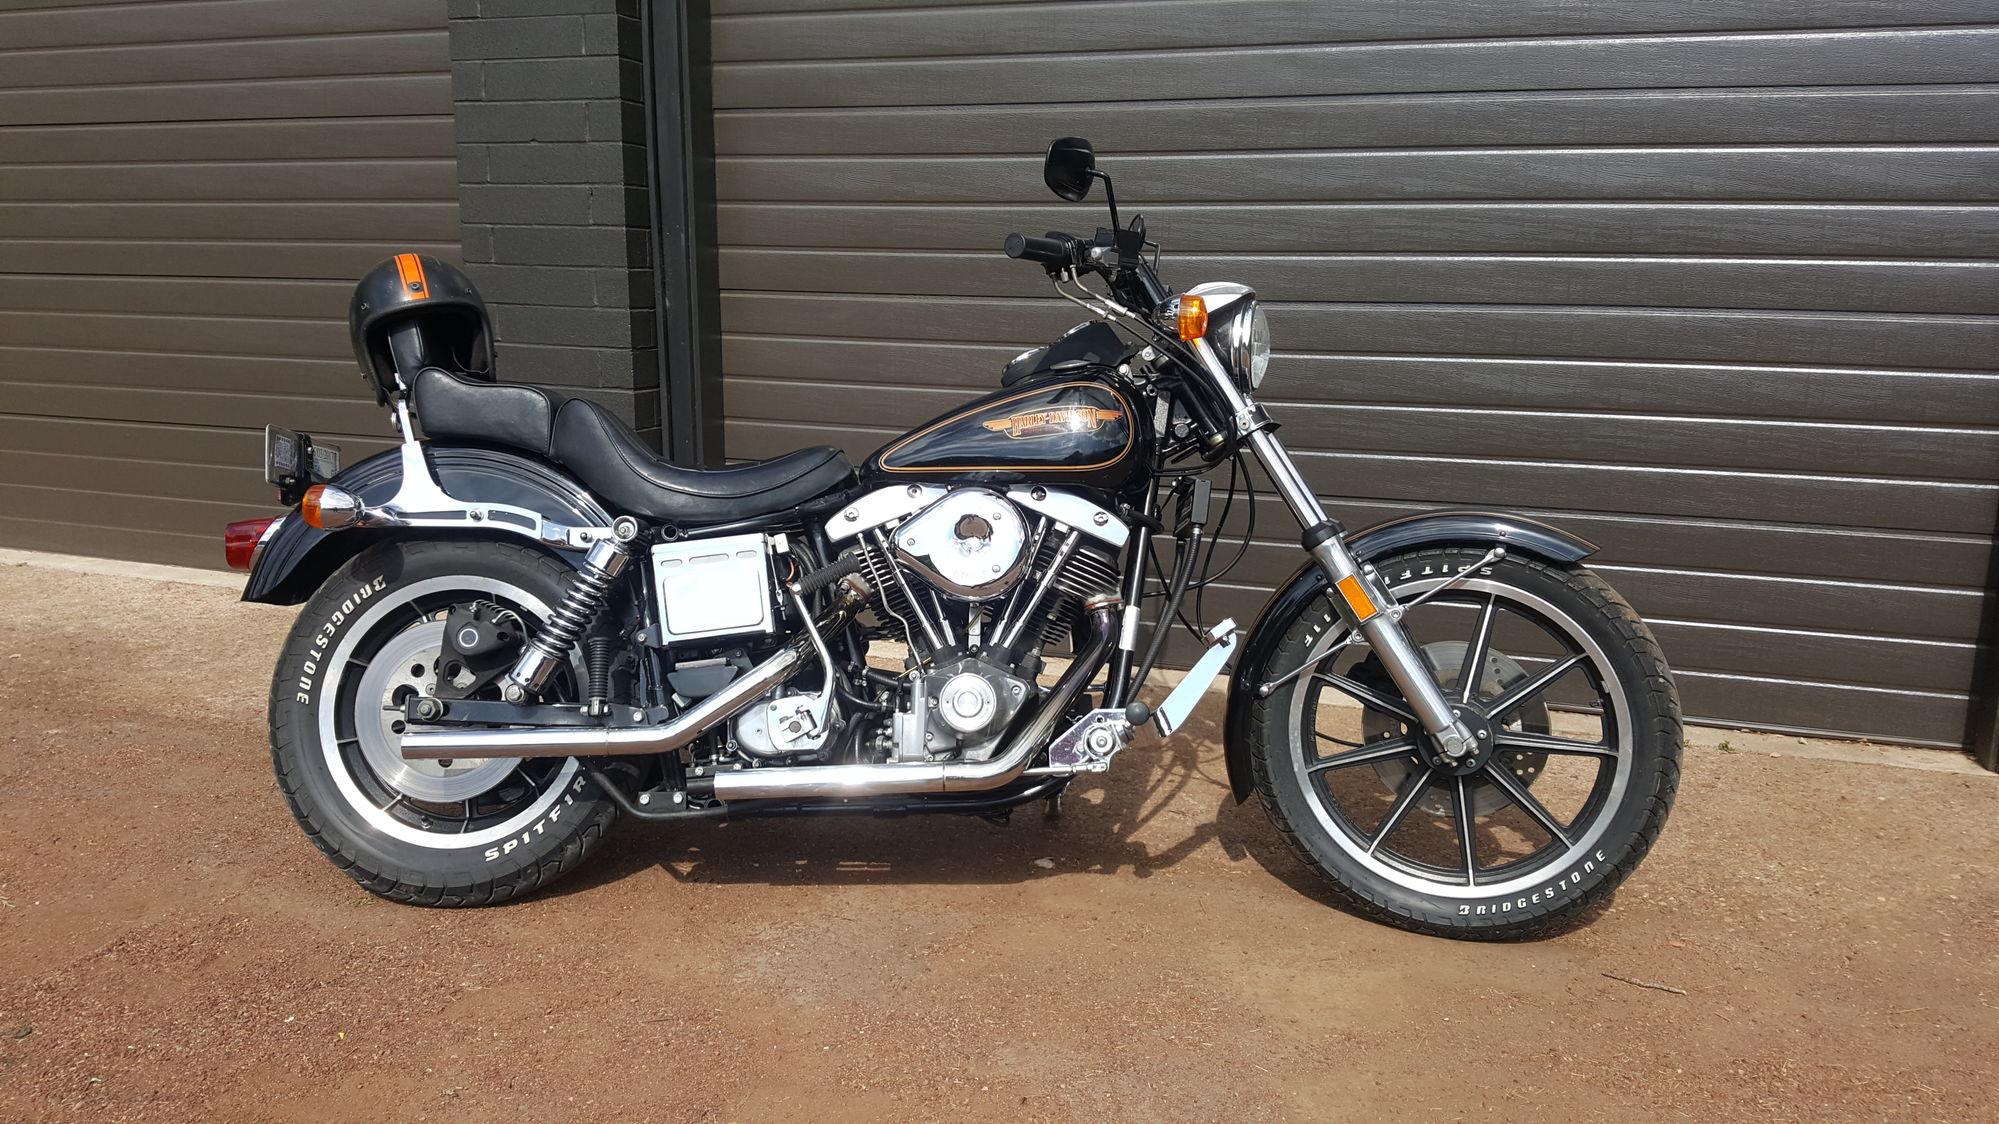 Ignition for 1984 FXSB - Harley Davidson Forums